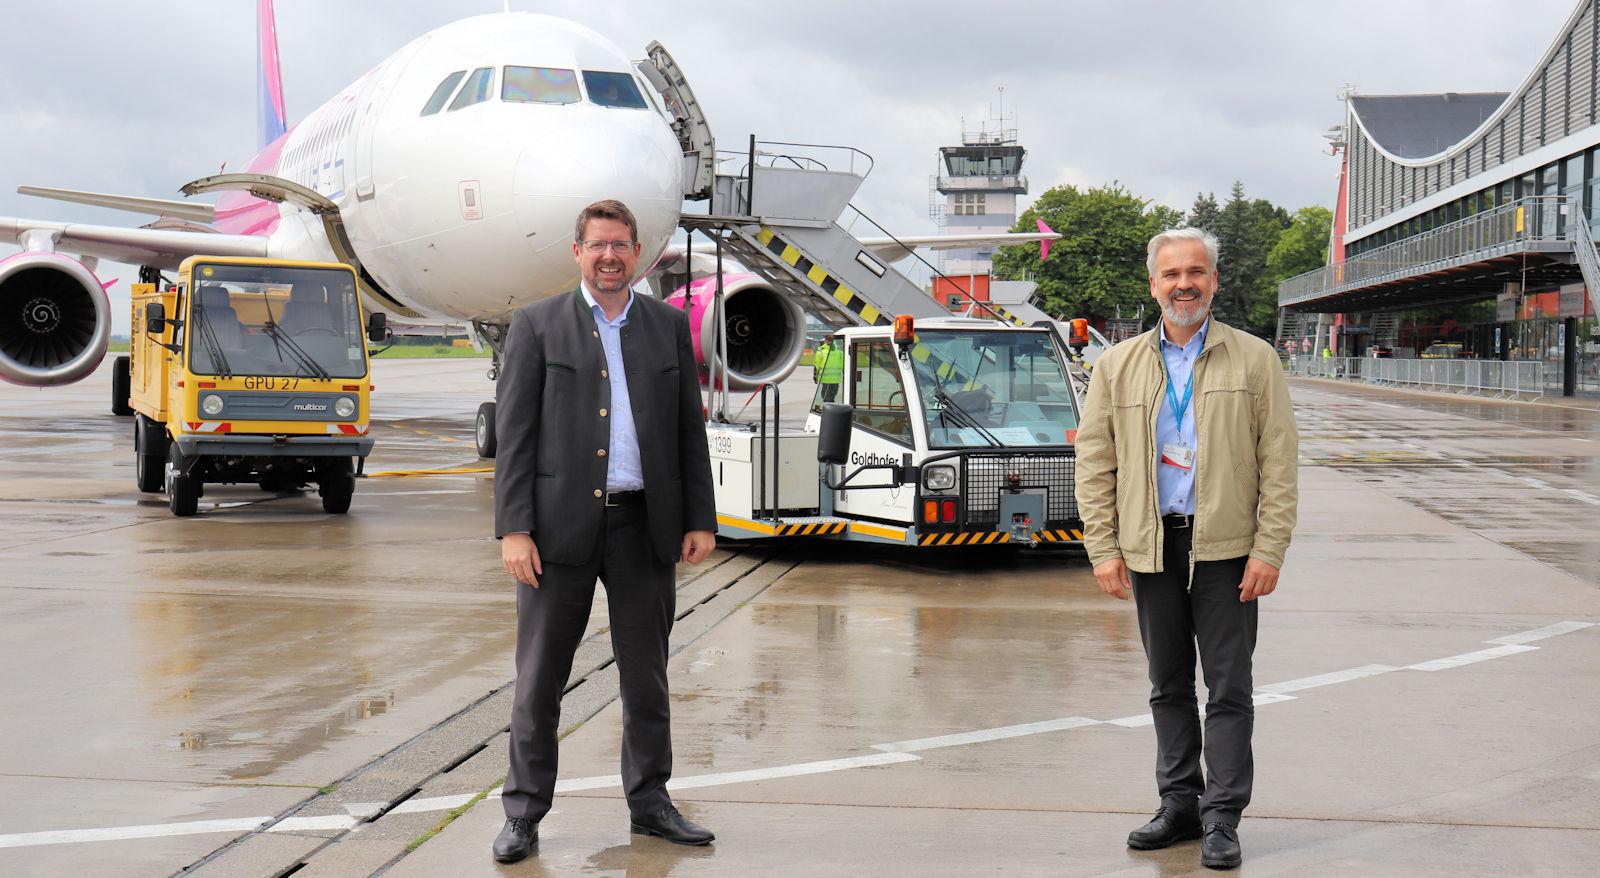 Bei einem Besuch des Flughafens Memmingen sprach Stephan Stracke mit Geschäftsführer Ralf Schmid über die Entwicklung des Regionalflughafens sowie die jüngsten Investitionen.